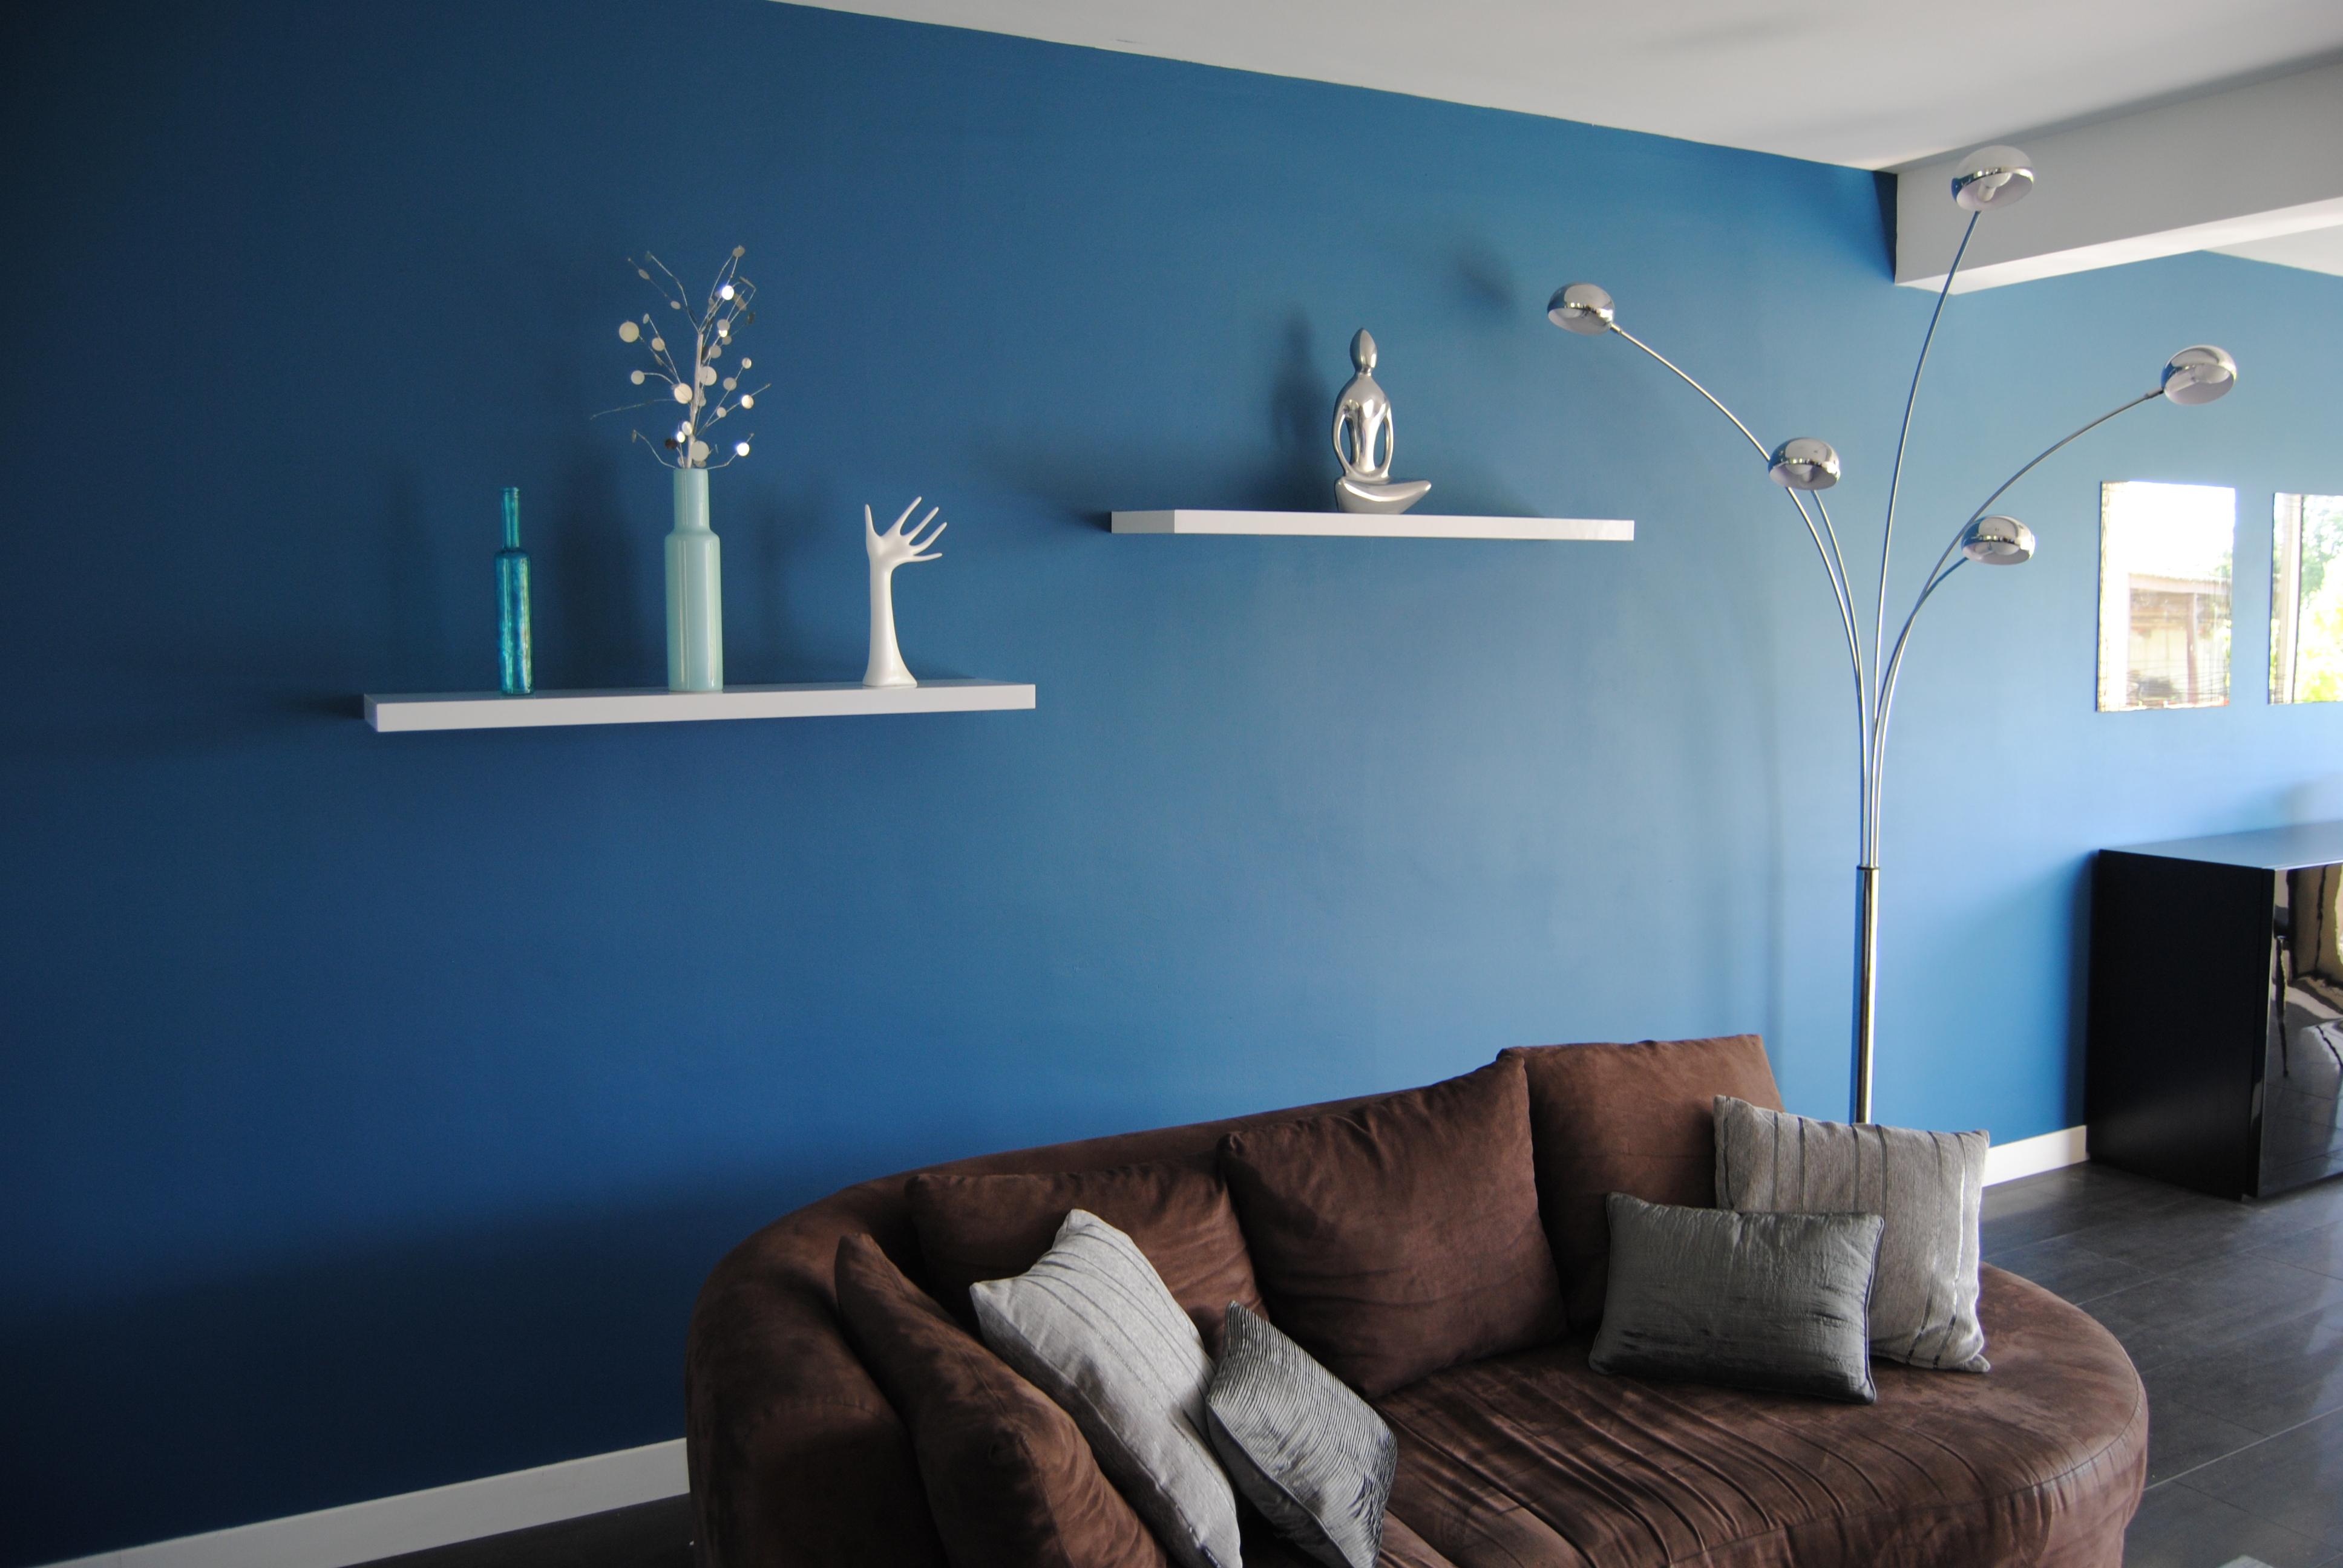 Salon Gris Et Bleu Canard peinture bleu canard dans mon séjour j'ai osé! (photo